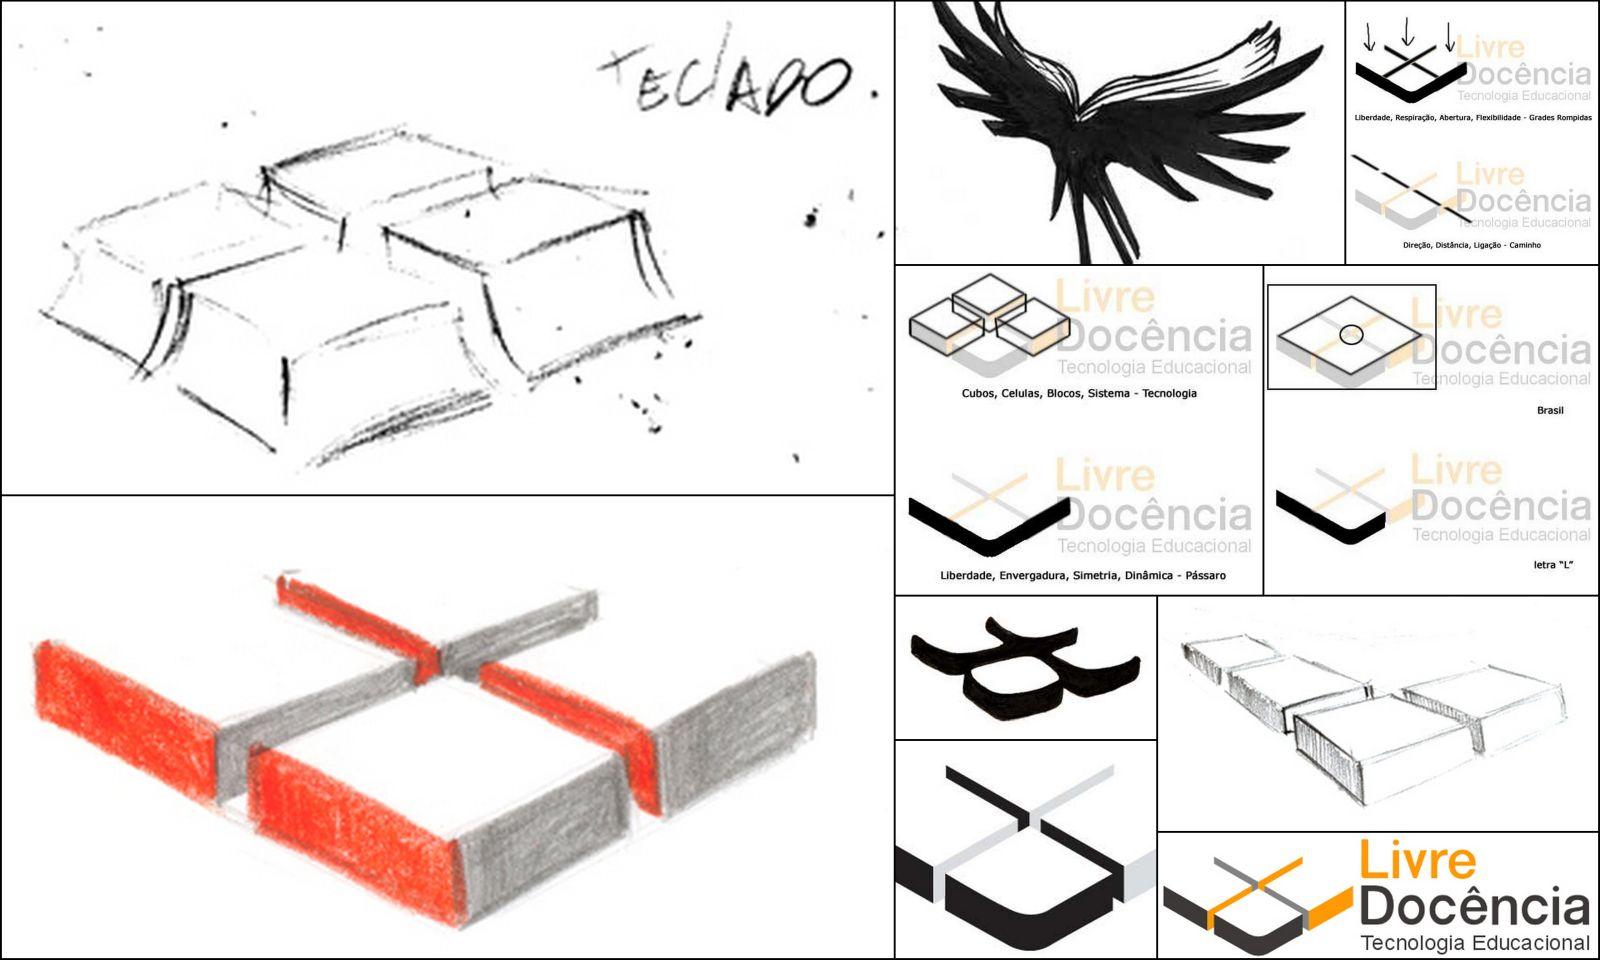 Livre Docência Tecnologia Educacional - concepção da logo. Design por Delcio Gomes.